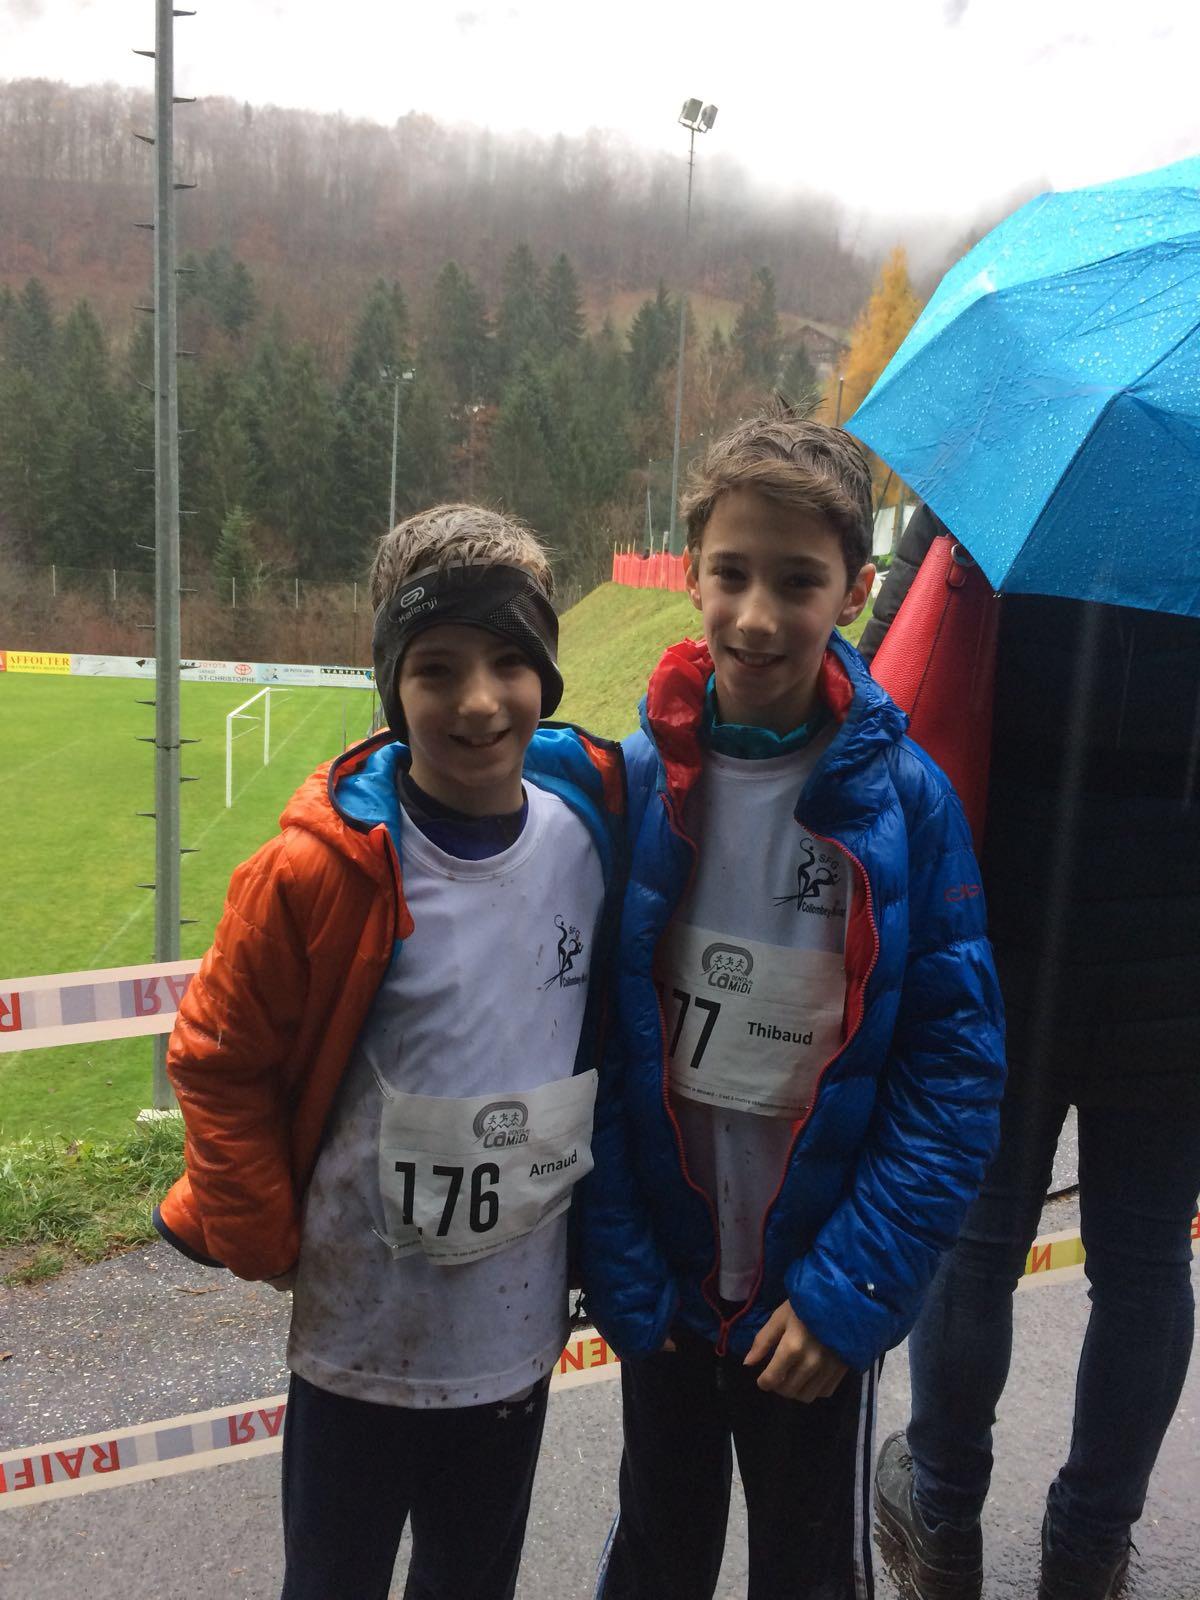 Arnaud et Thibaud MairetJPG